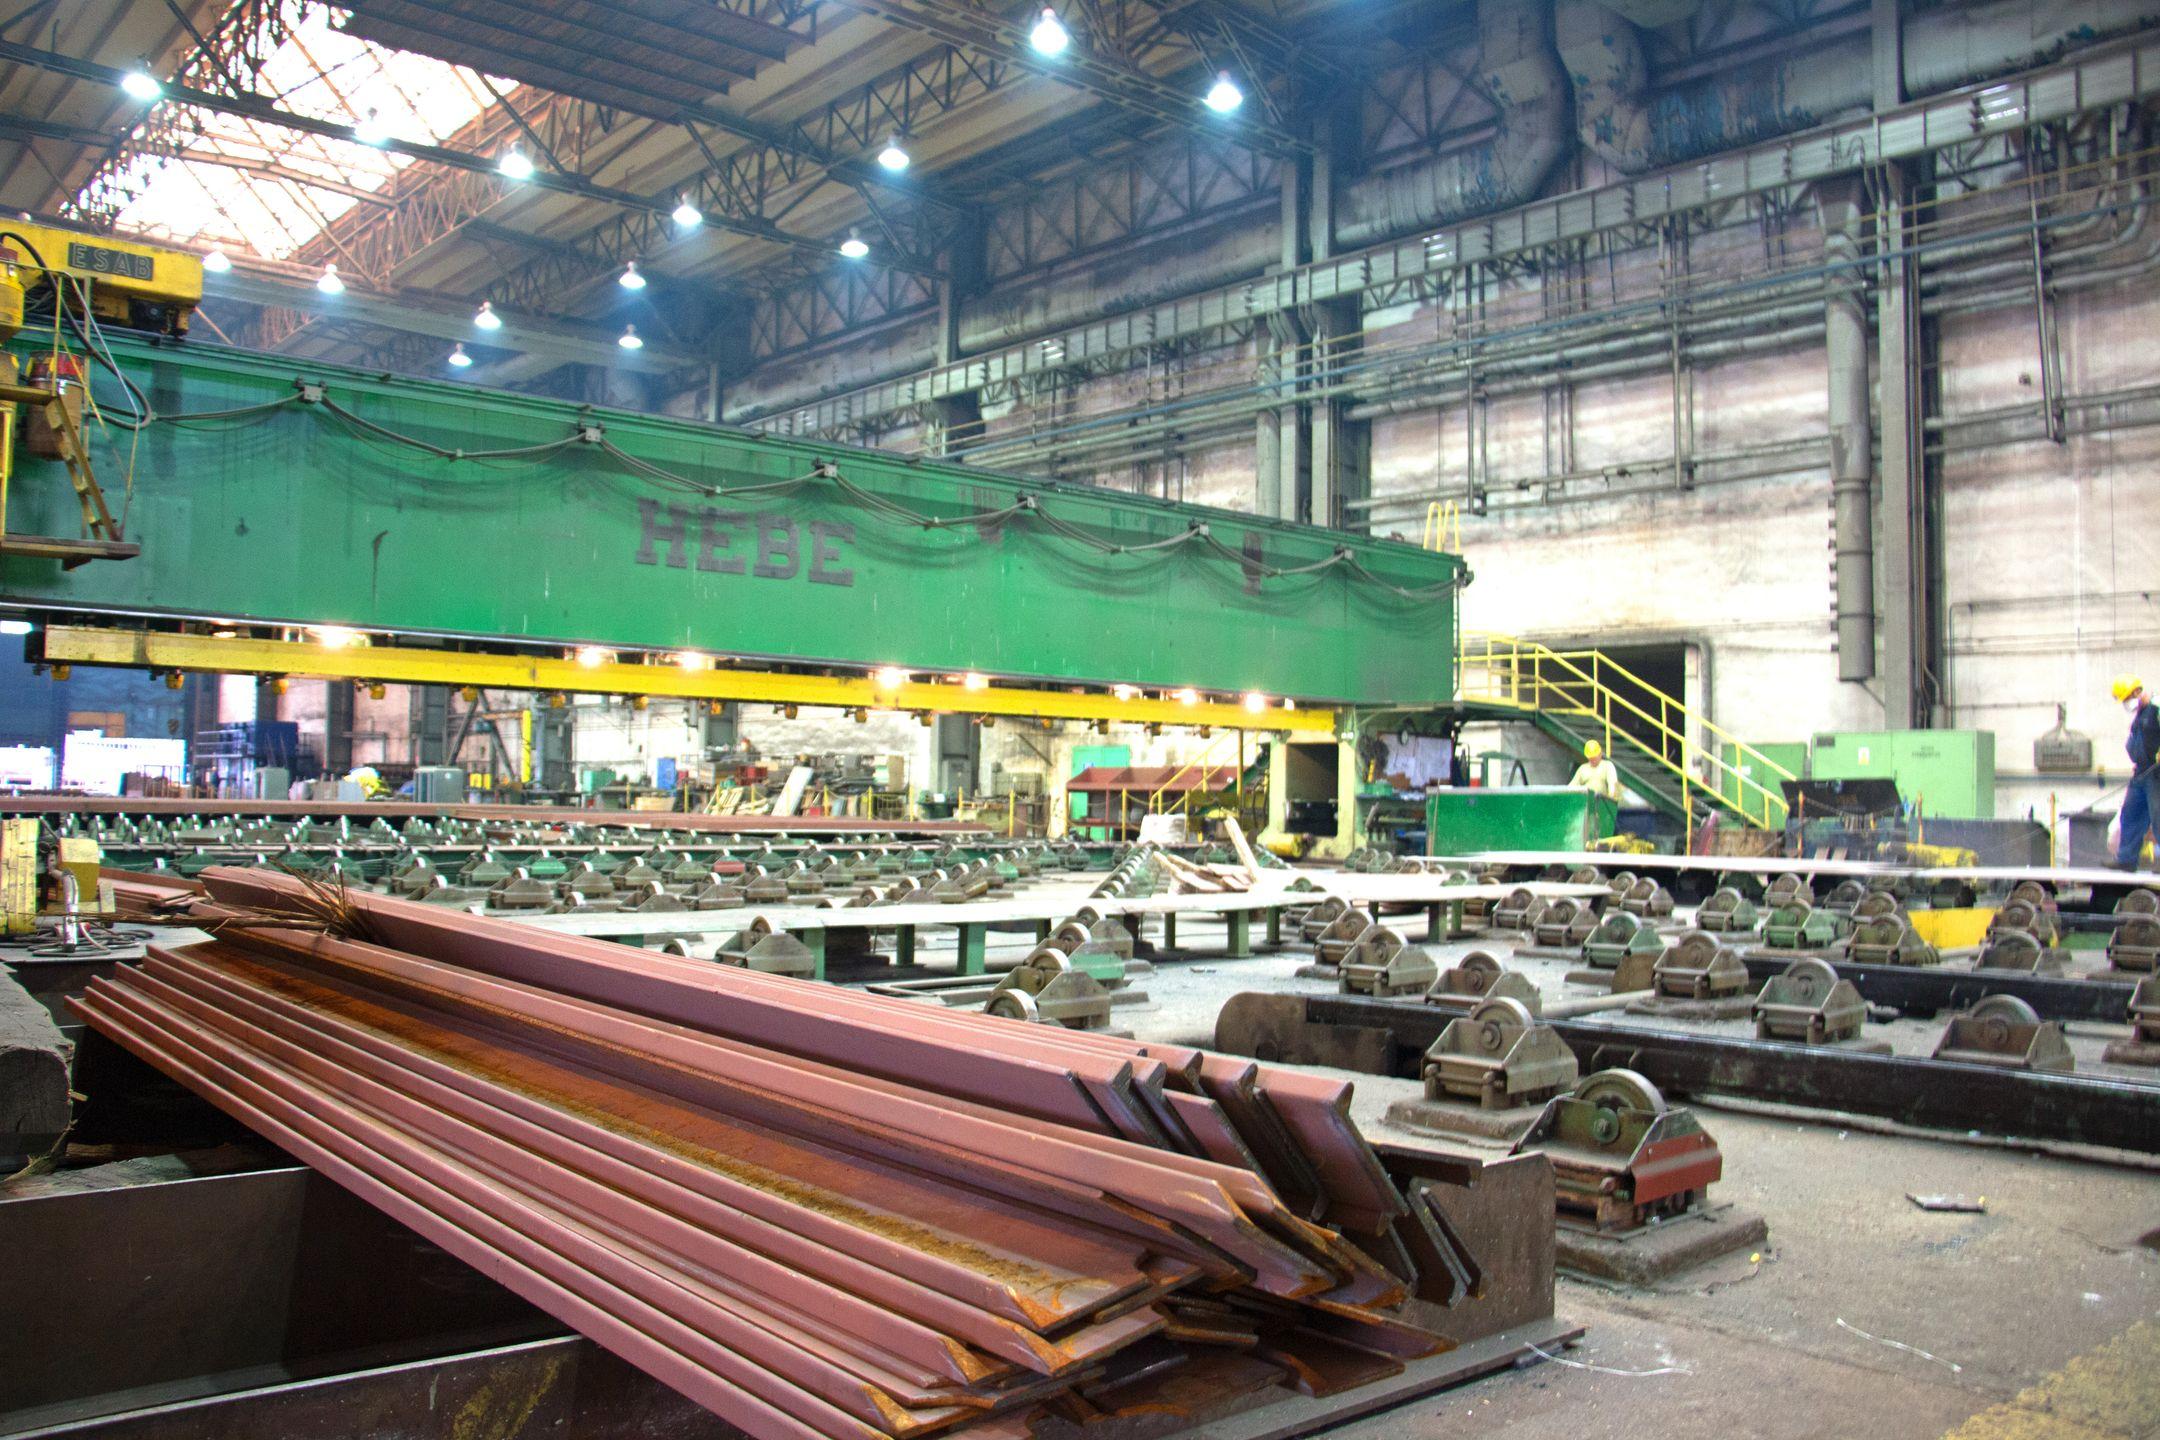 Crist-verftet i Gdynia har store lager- og produksjonshaller. Svært mange av prosjektene på verftet er for norske oppdragsgivere.